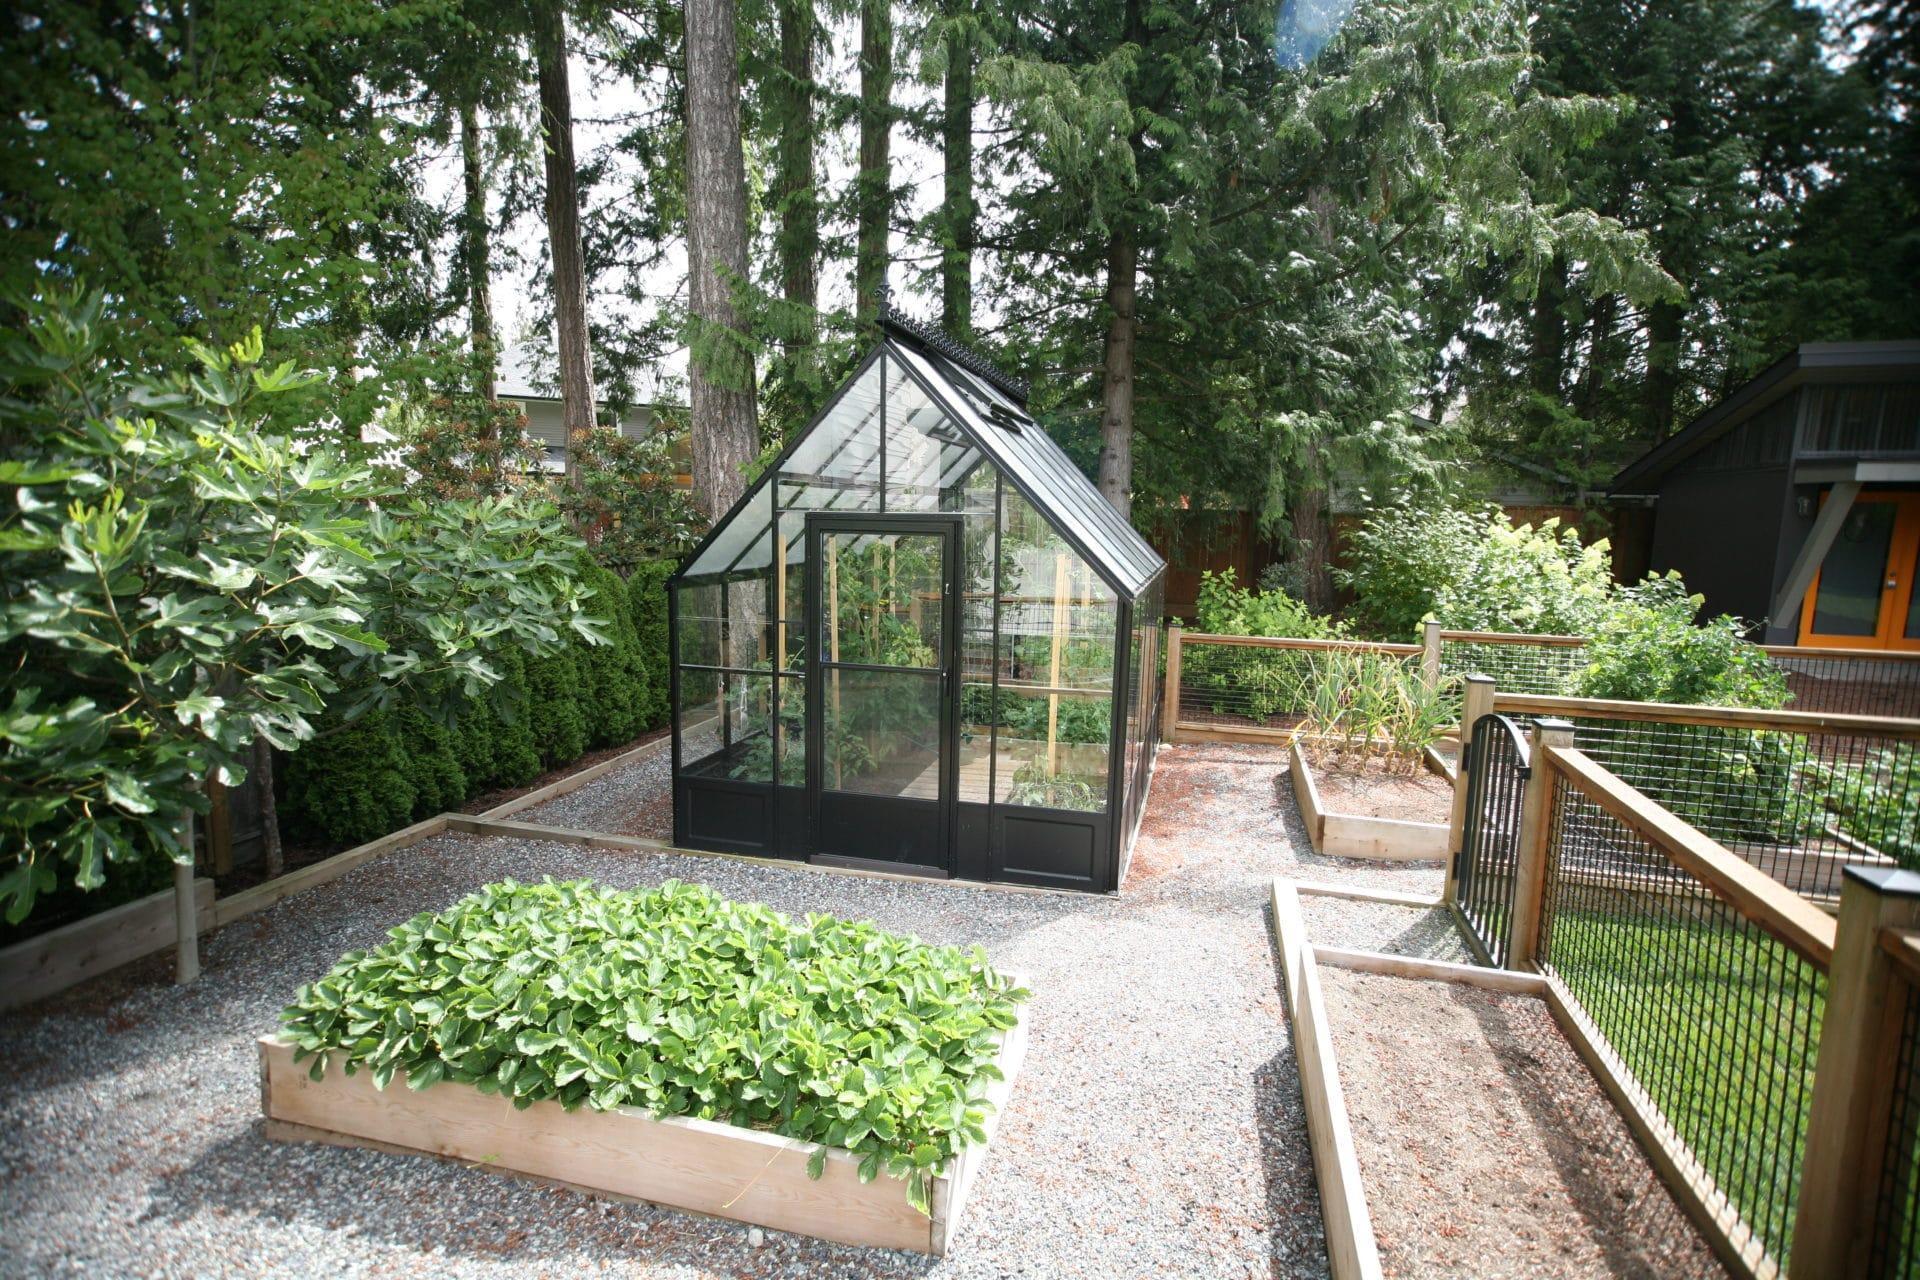 Parkside Greenhouse